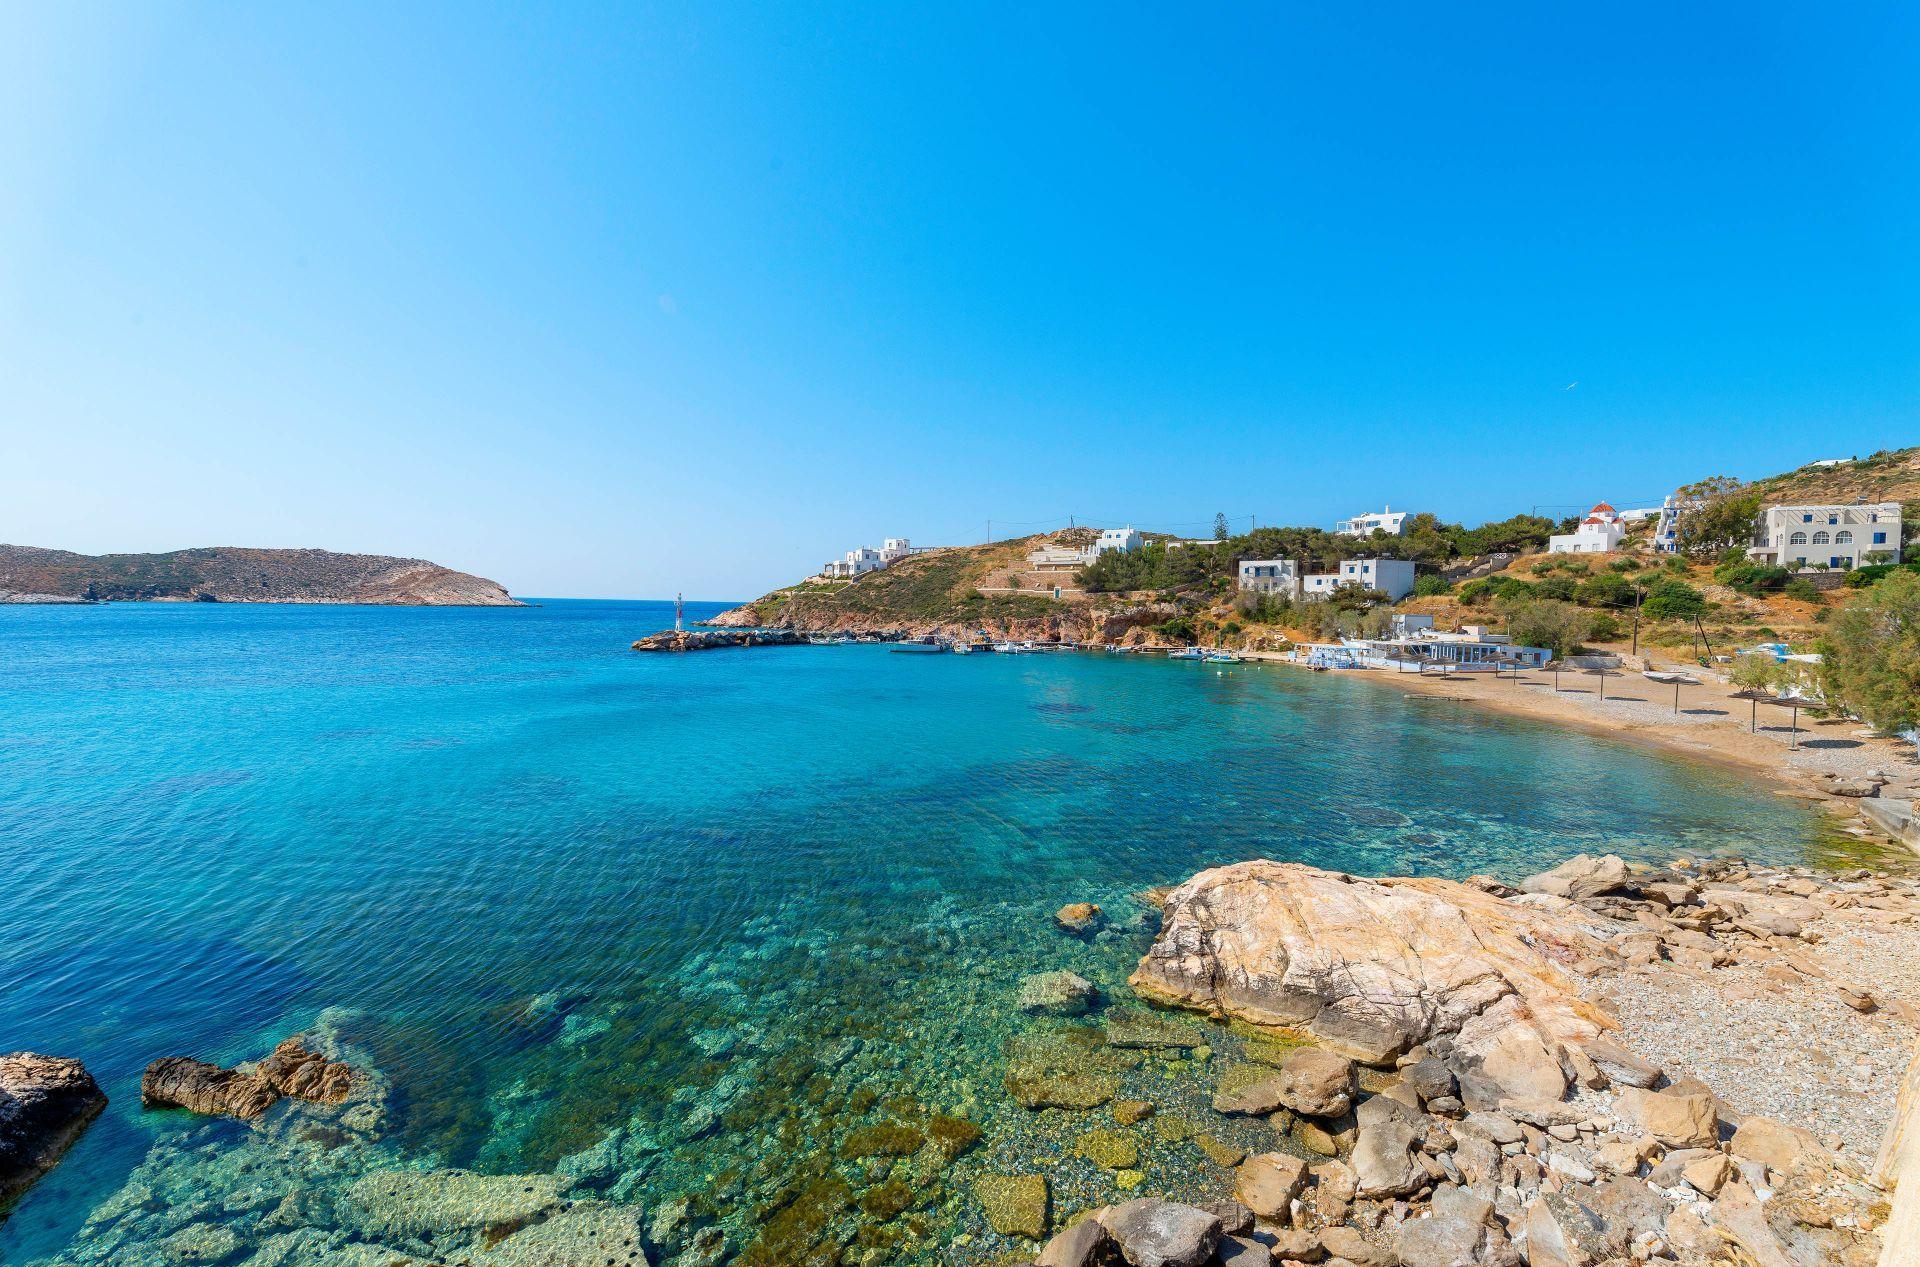 Syros island: Beaches